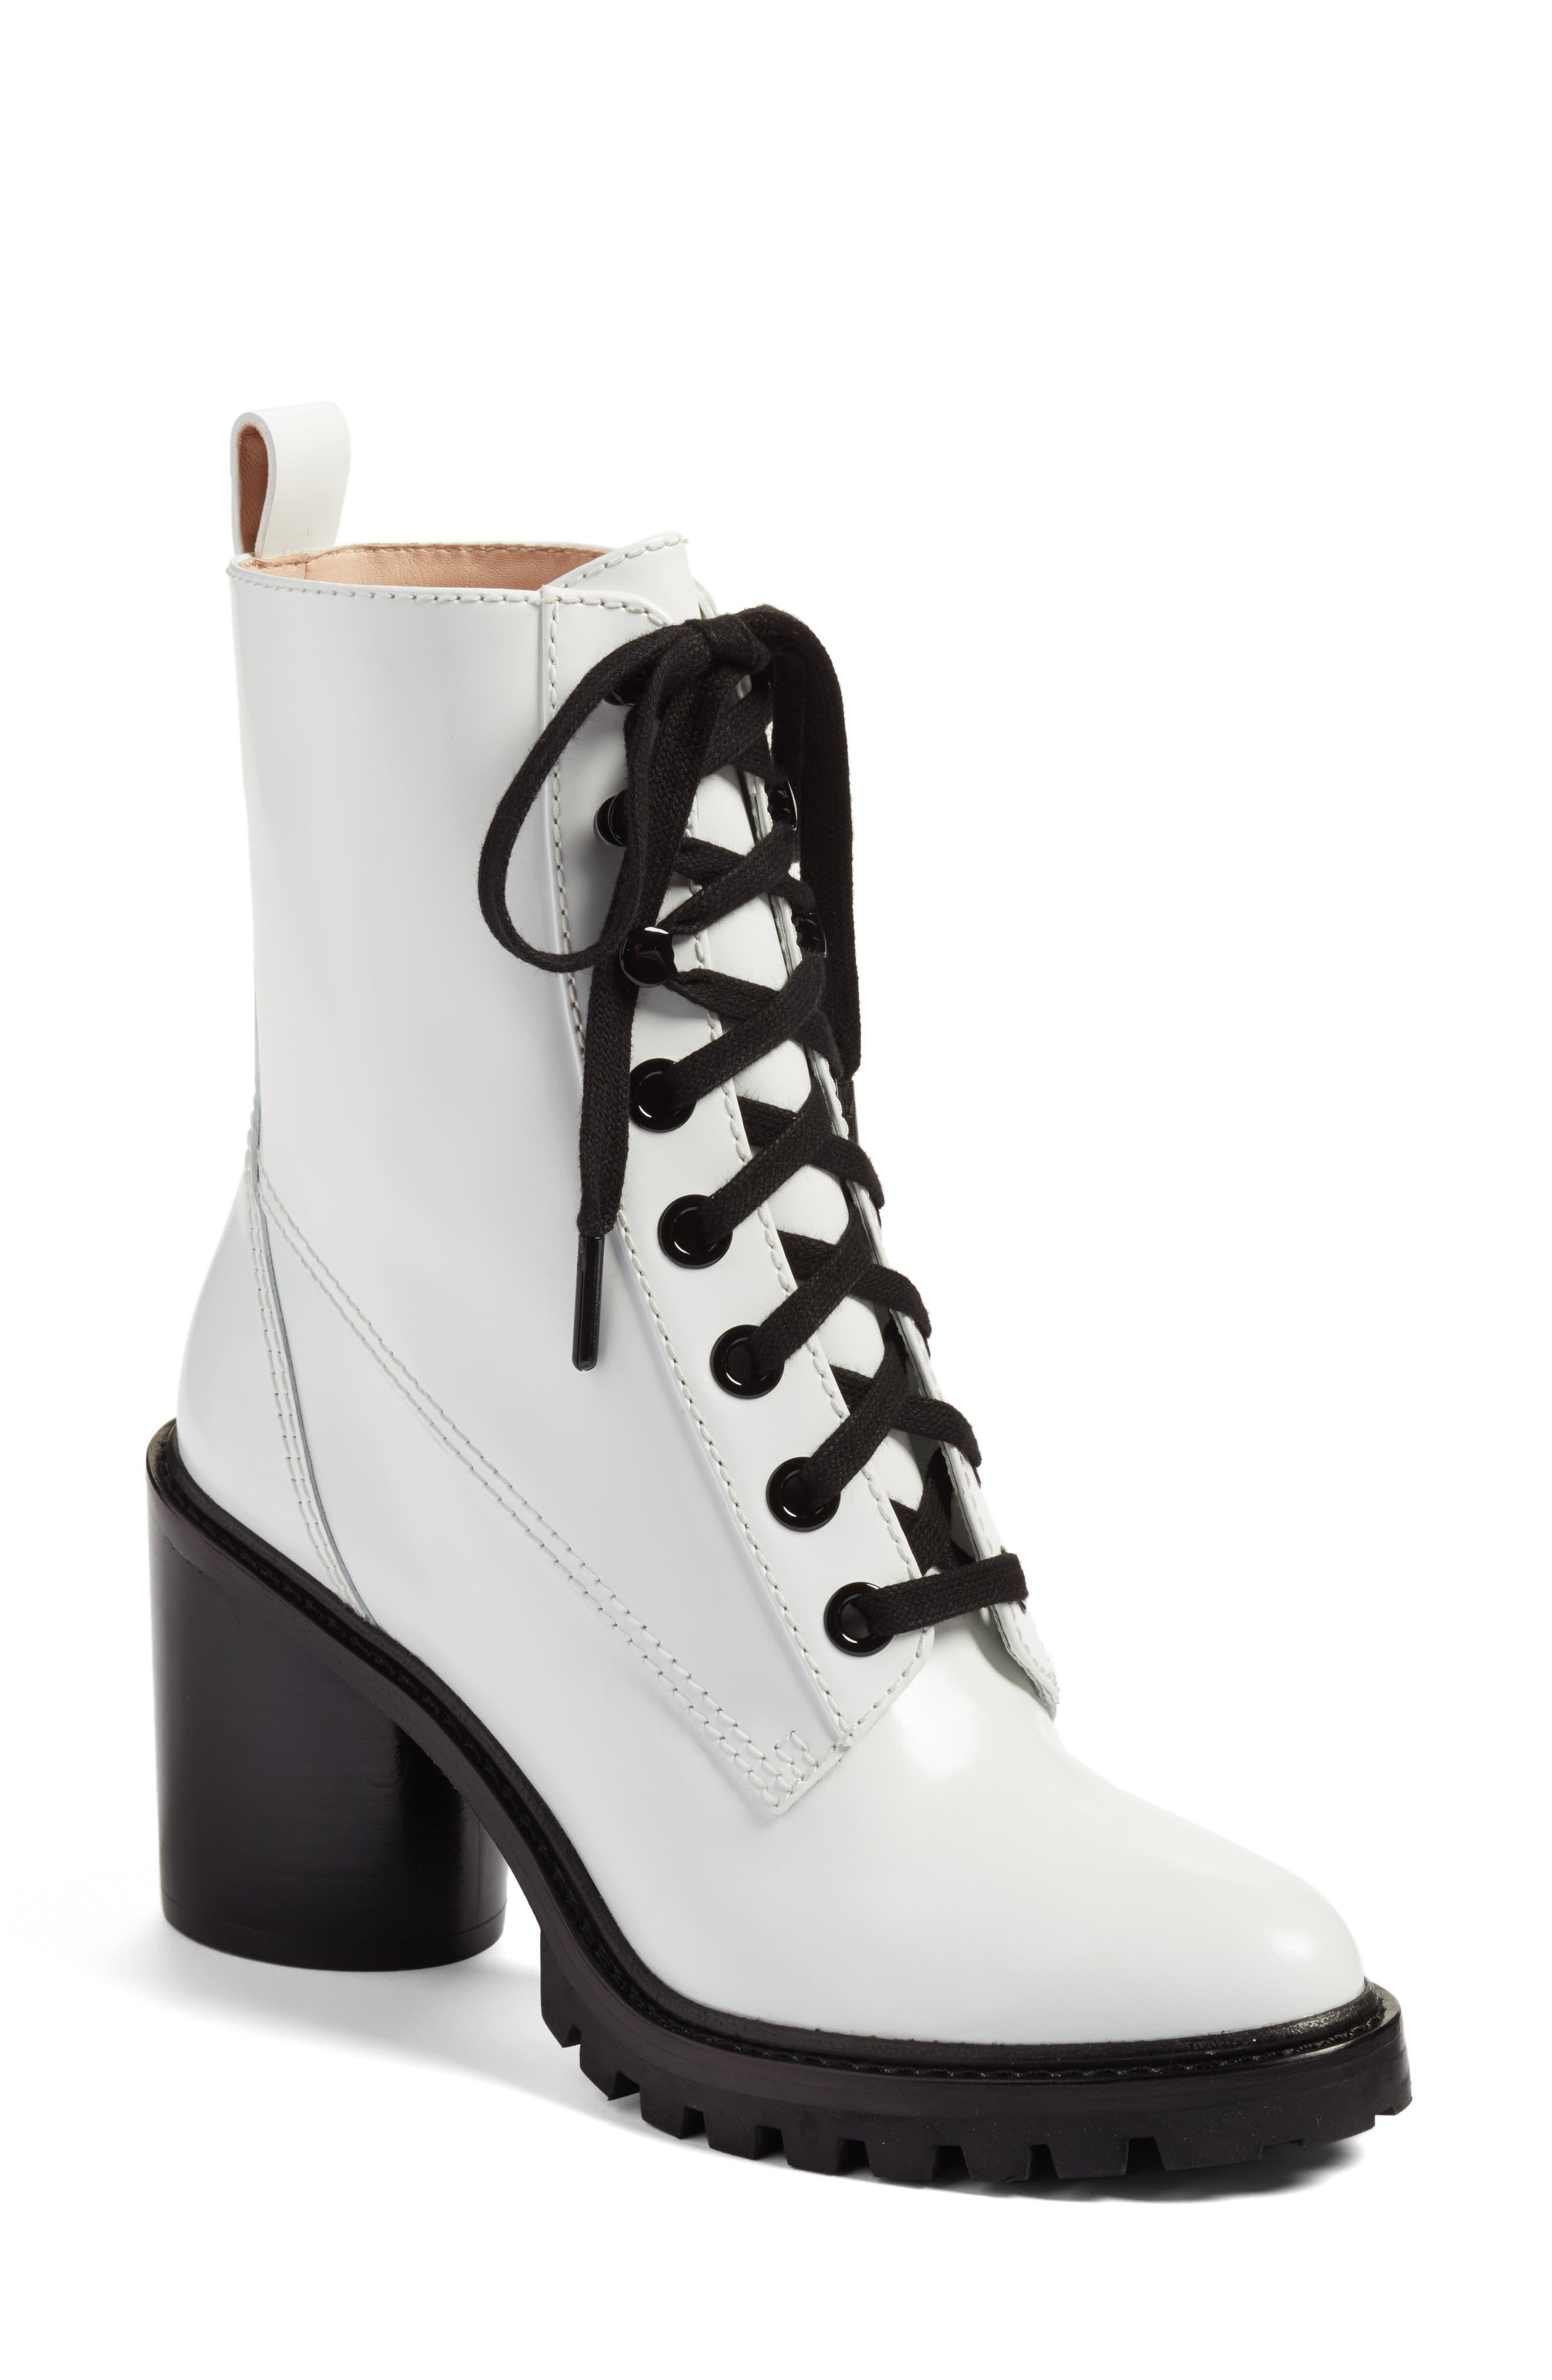 Alternate Image 1 Selected - MARC JACOBS Ryder Block Heel Boot (Women)